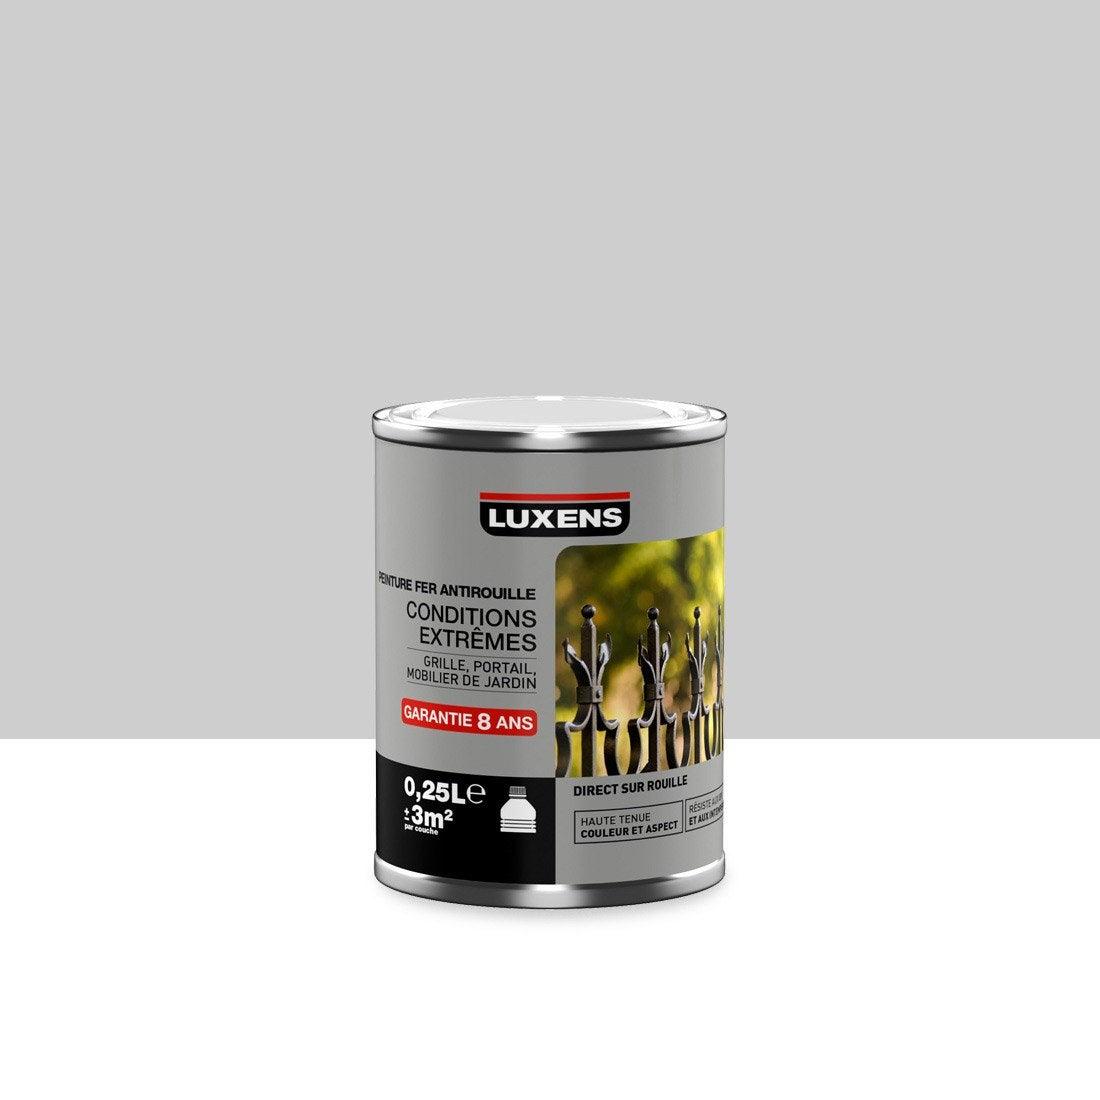 Peinture fer ext rieur luxens argent l leroy merlin for Peinture pvc exterieur